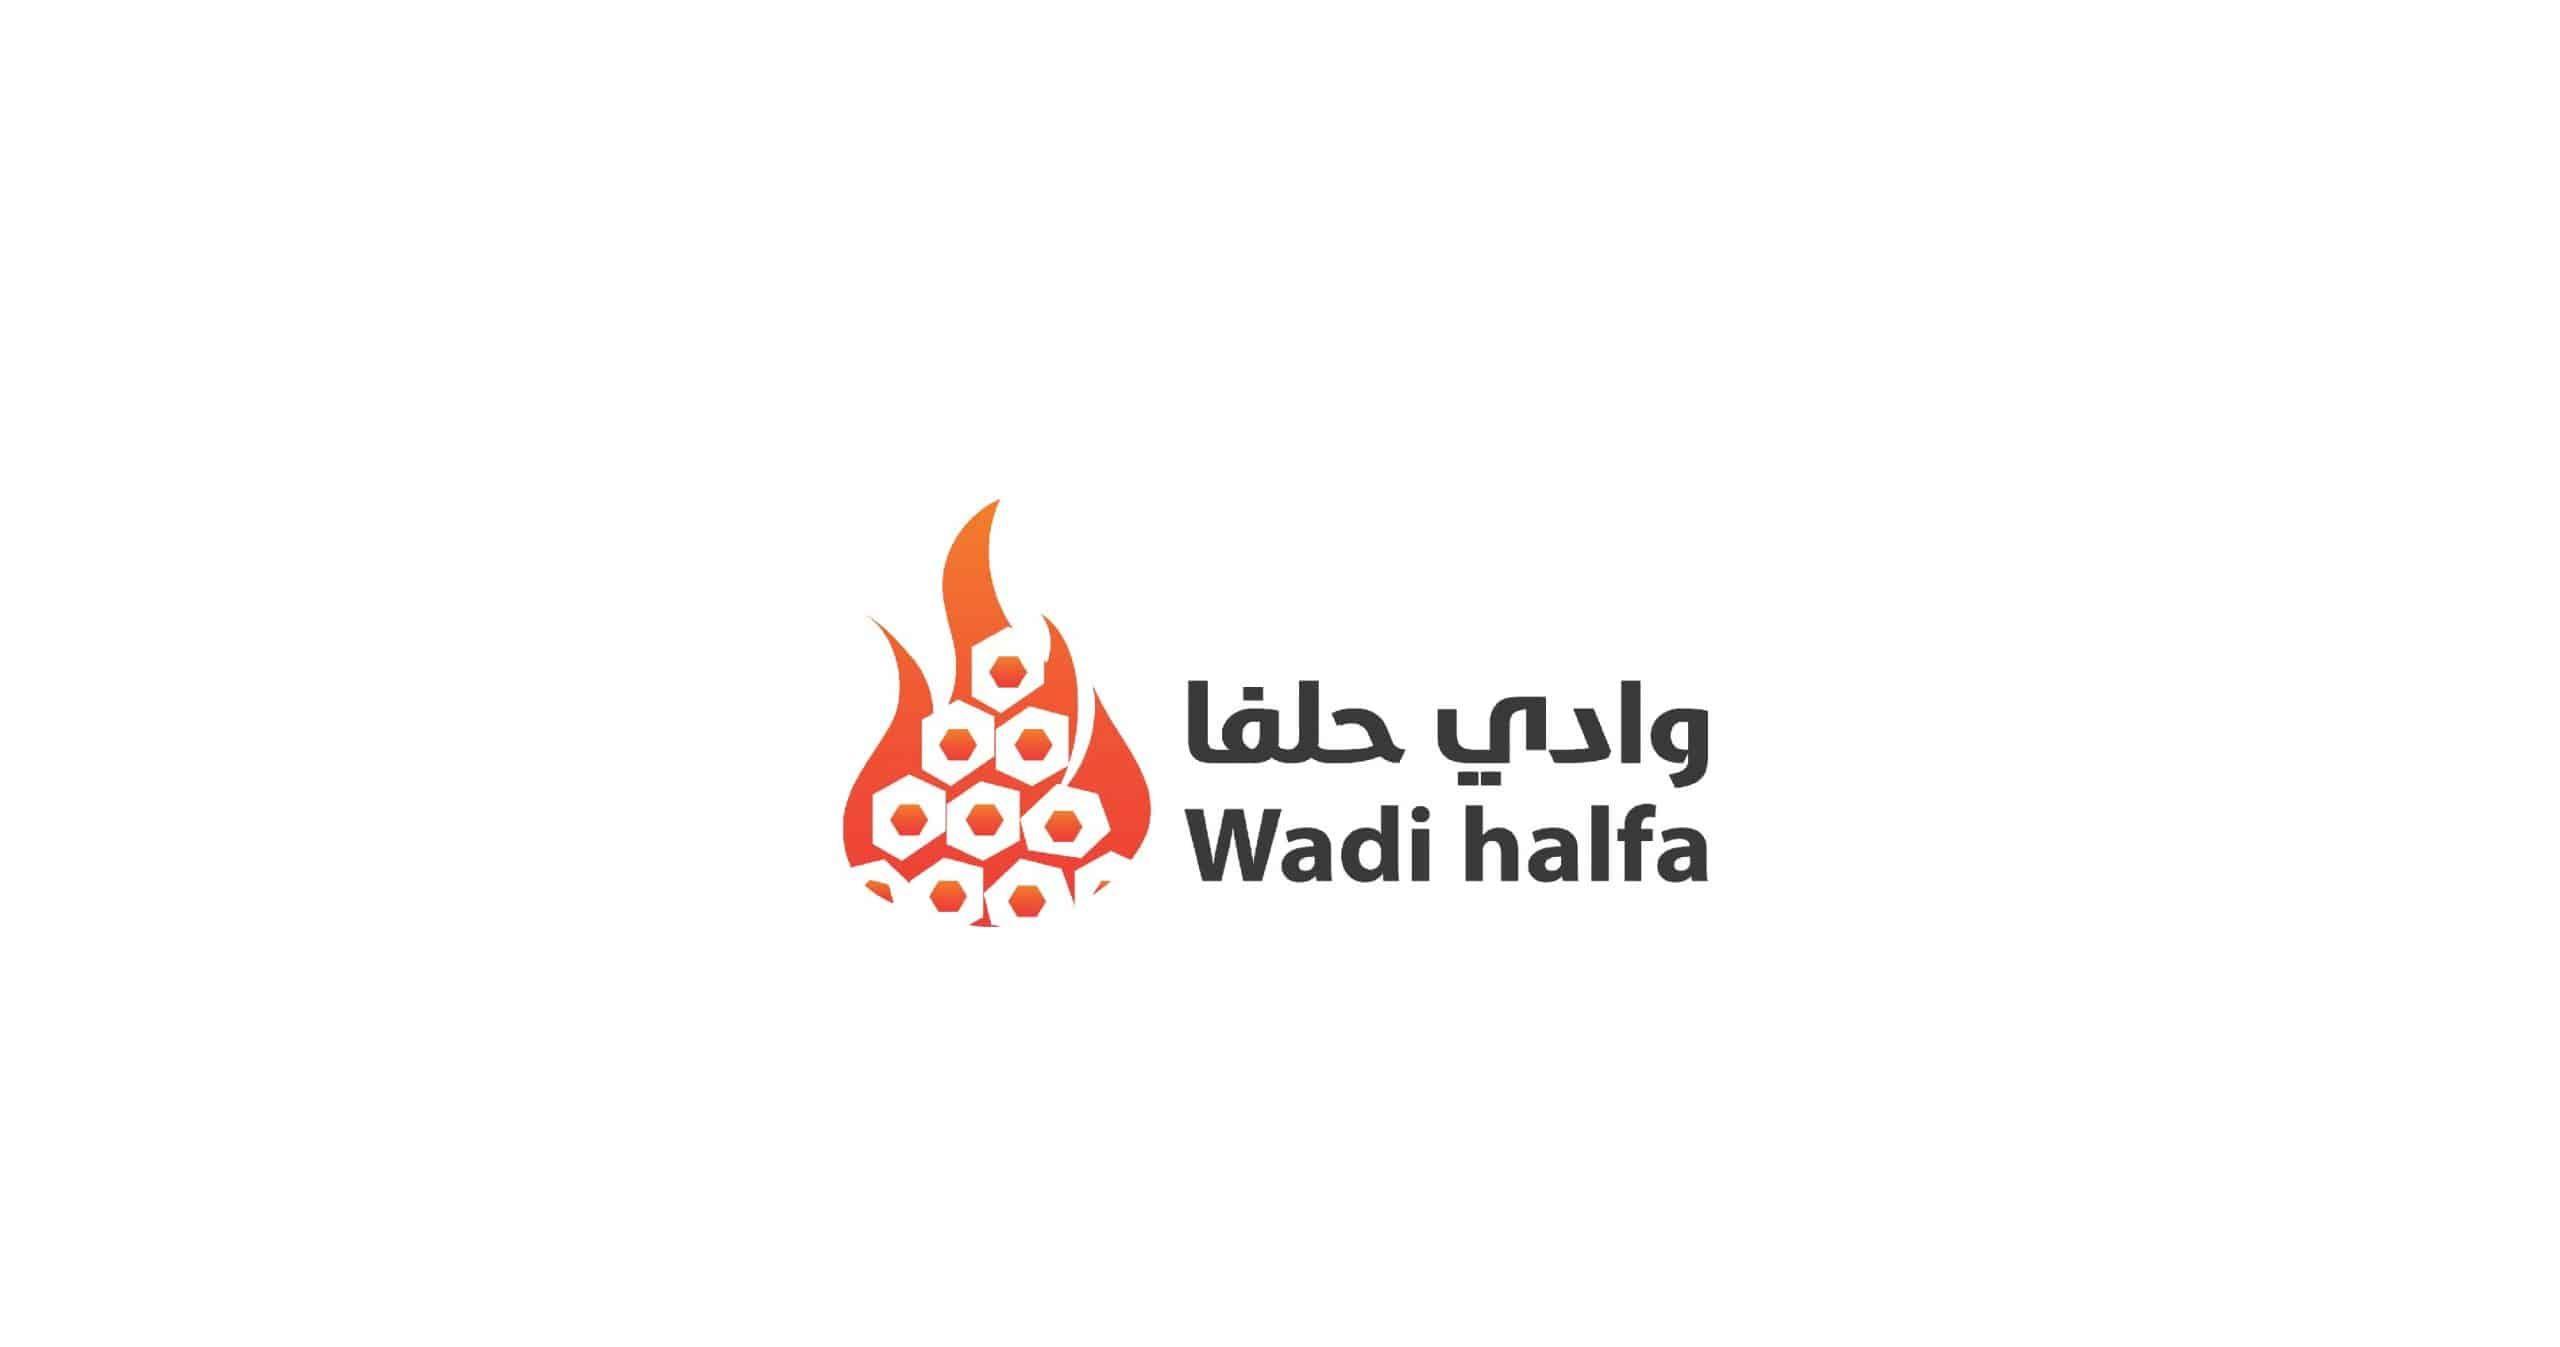 شركة وادي حلفا تعلن طرح 23 وظيفة شاغرة لحملة الدبلوم البكالوريوس للعمل بالمدن التالية الرياض Home Decor Decals